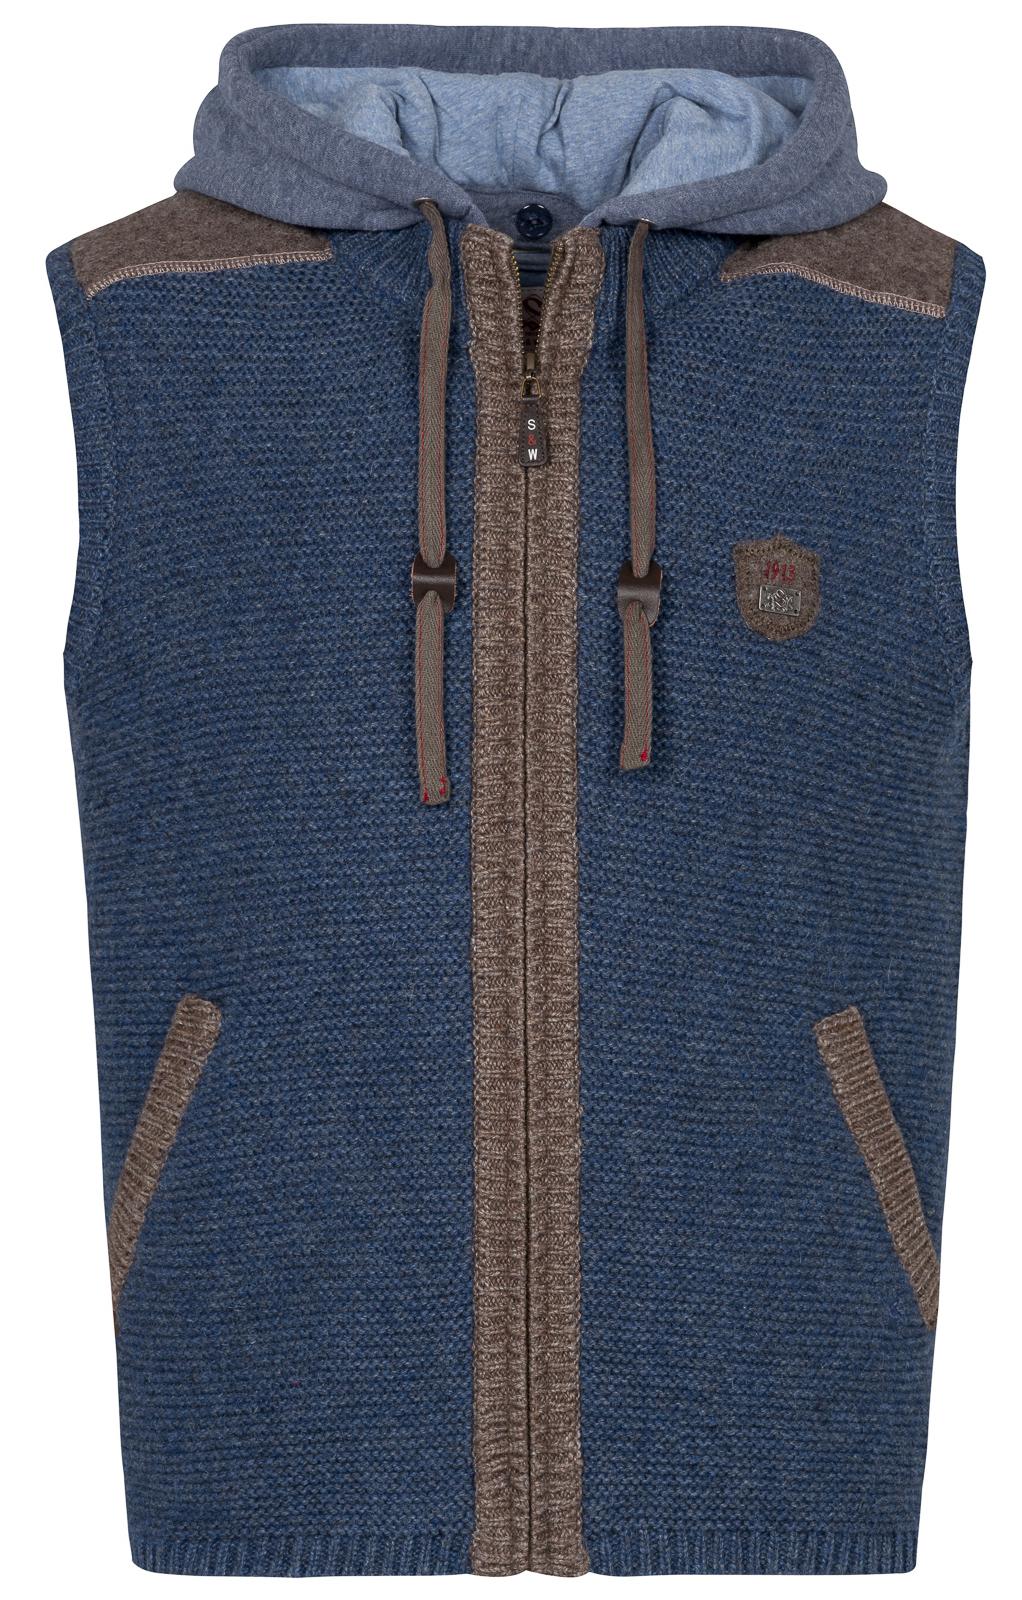 weitere Bilder von Trachten Strickweste GANSBACH jeansblau